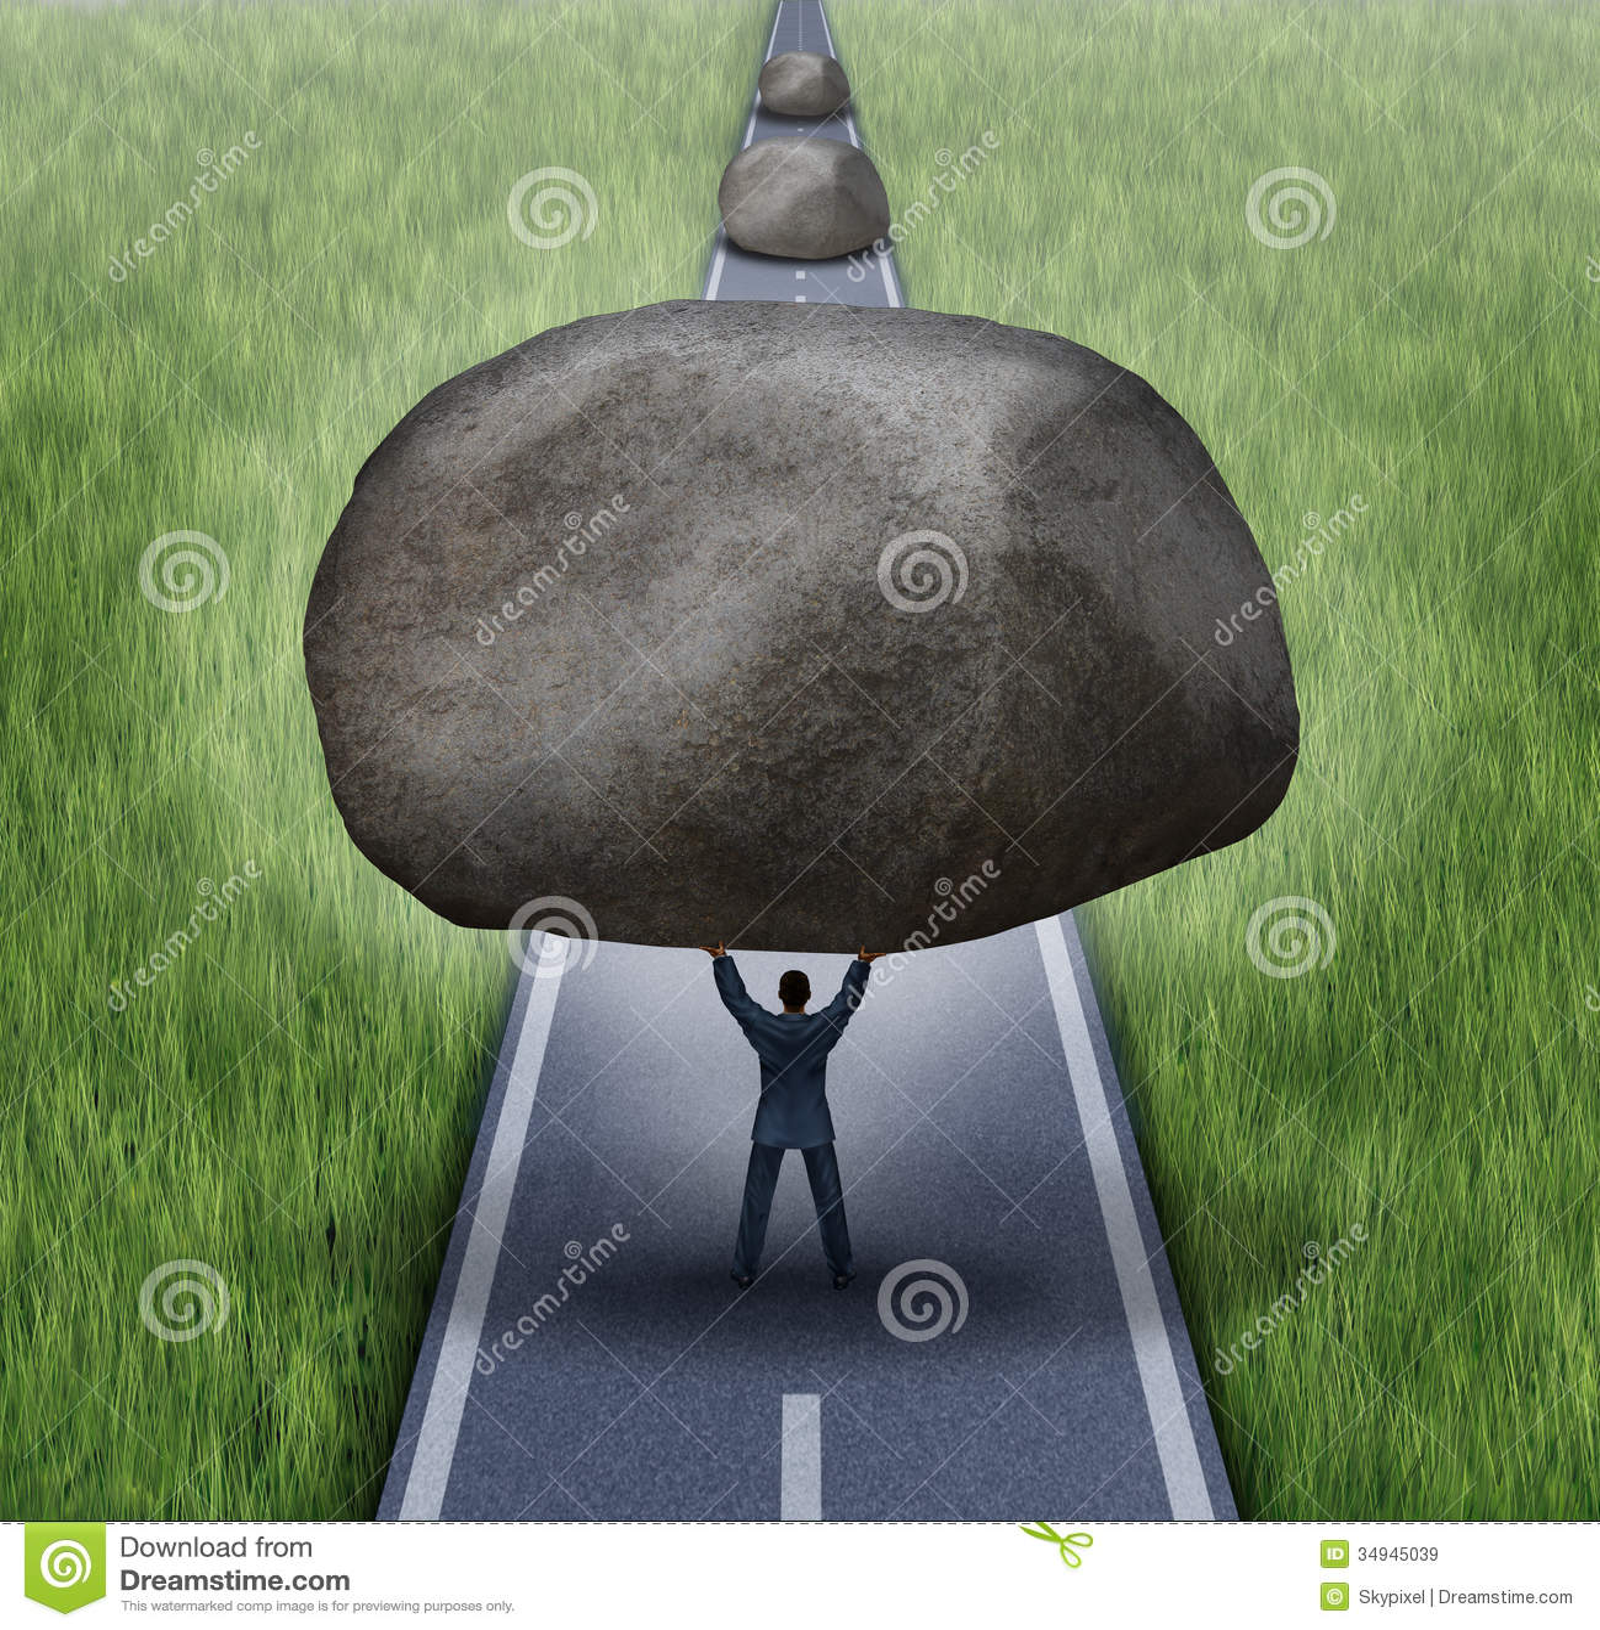 Eliminación de obstáculos